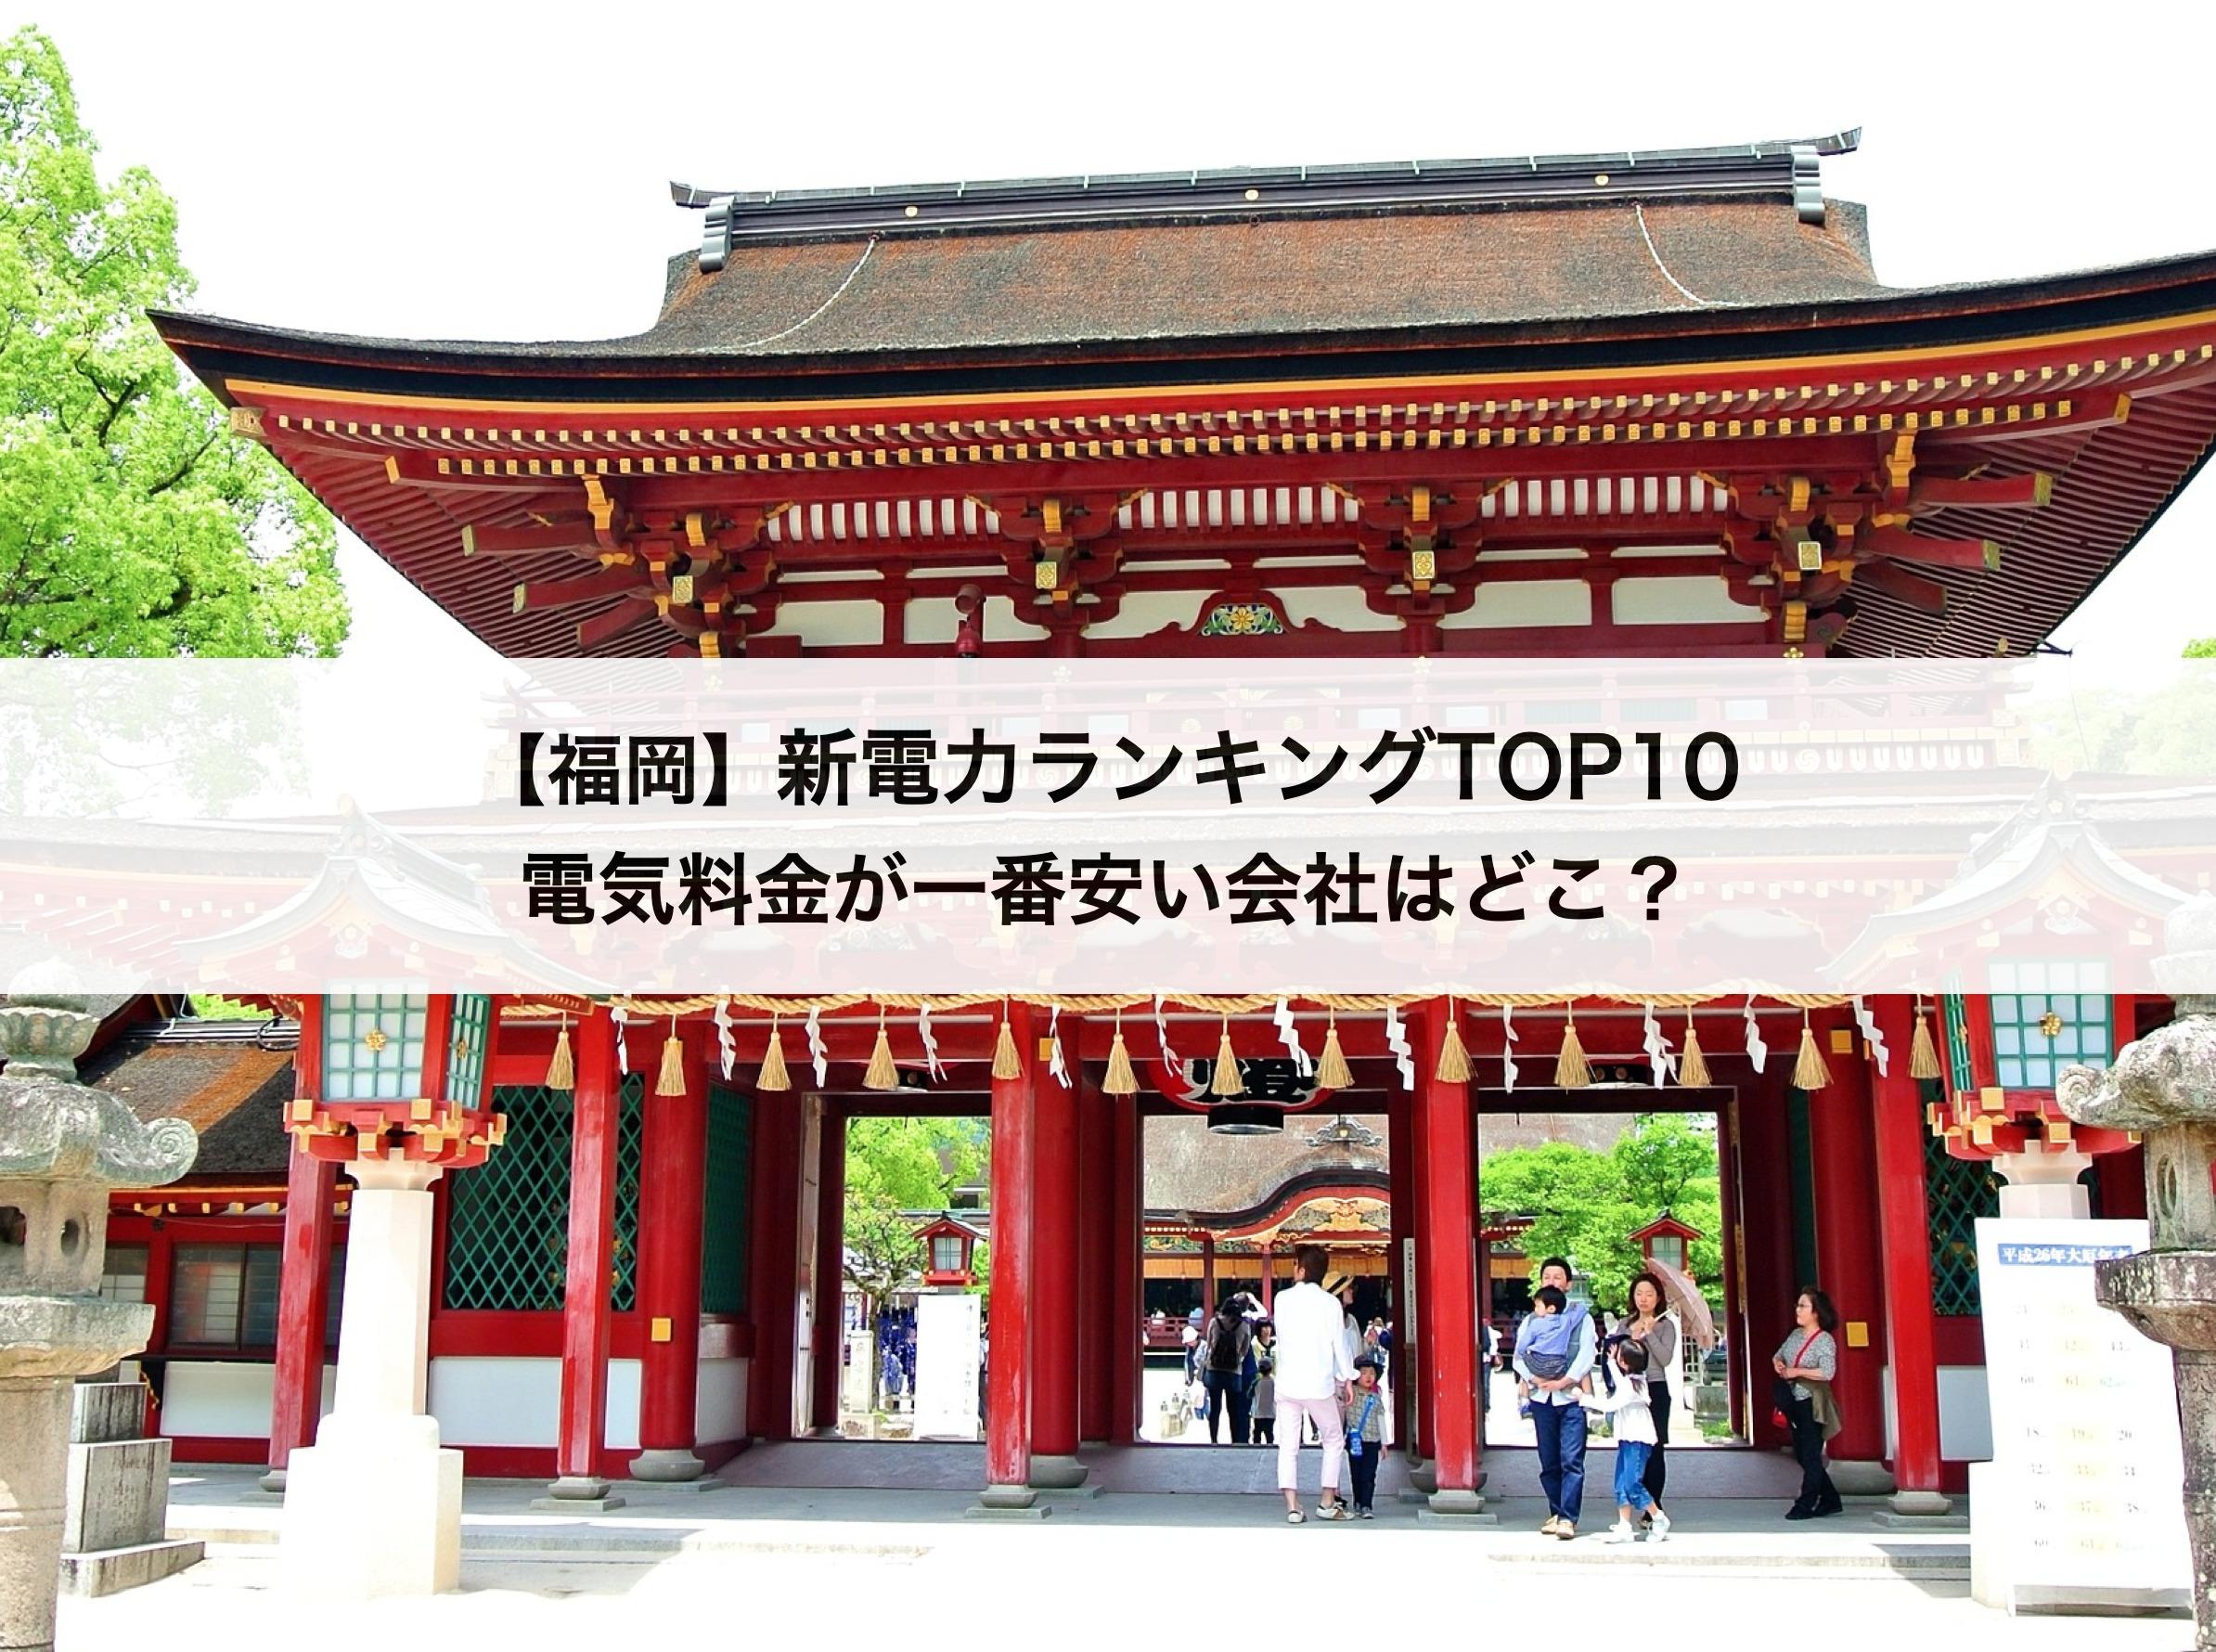 【福岡県】新電力会社おすすめランキングTOP10|九州電力と比較してお得で安い電力会社をパターン別に紹介!